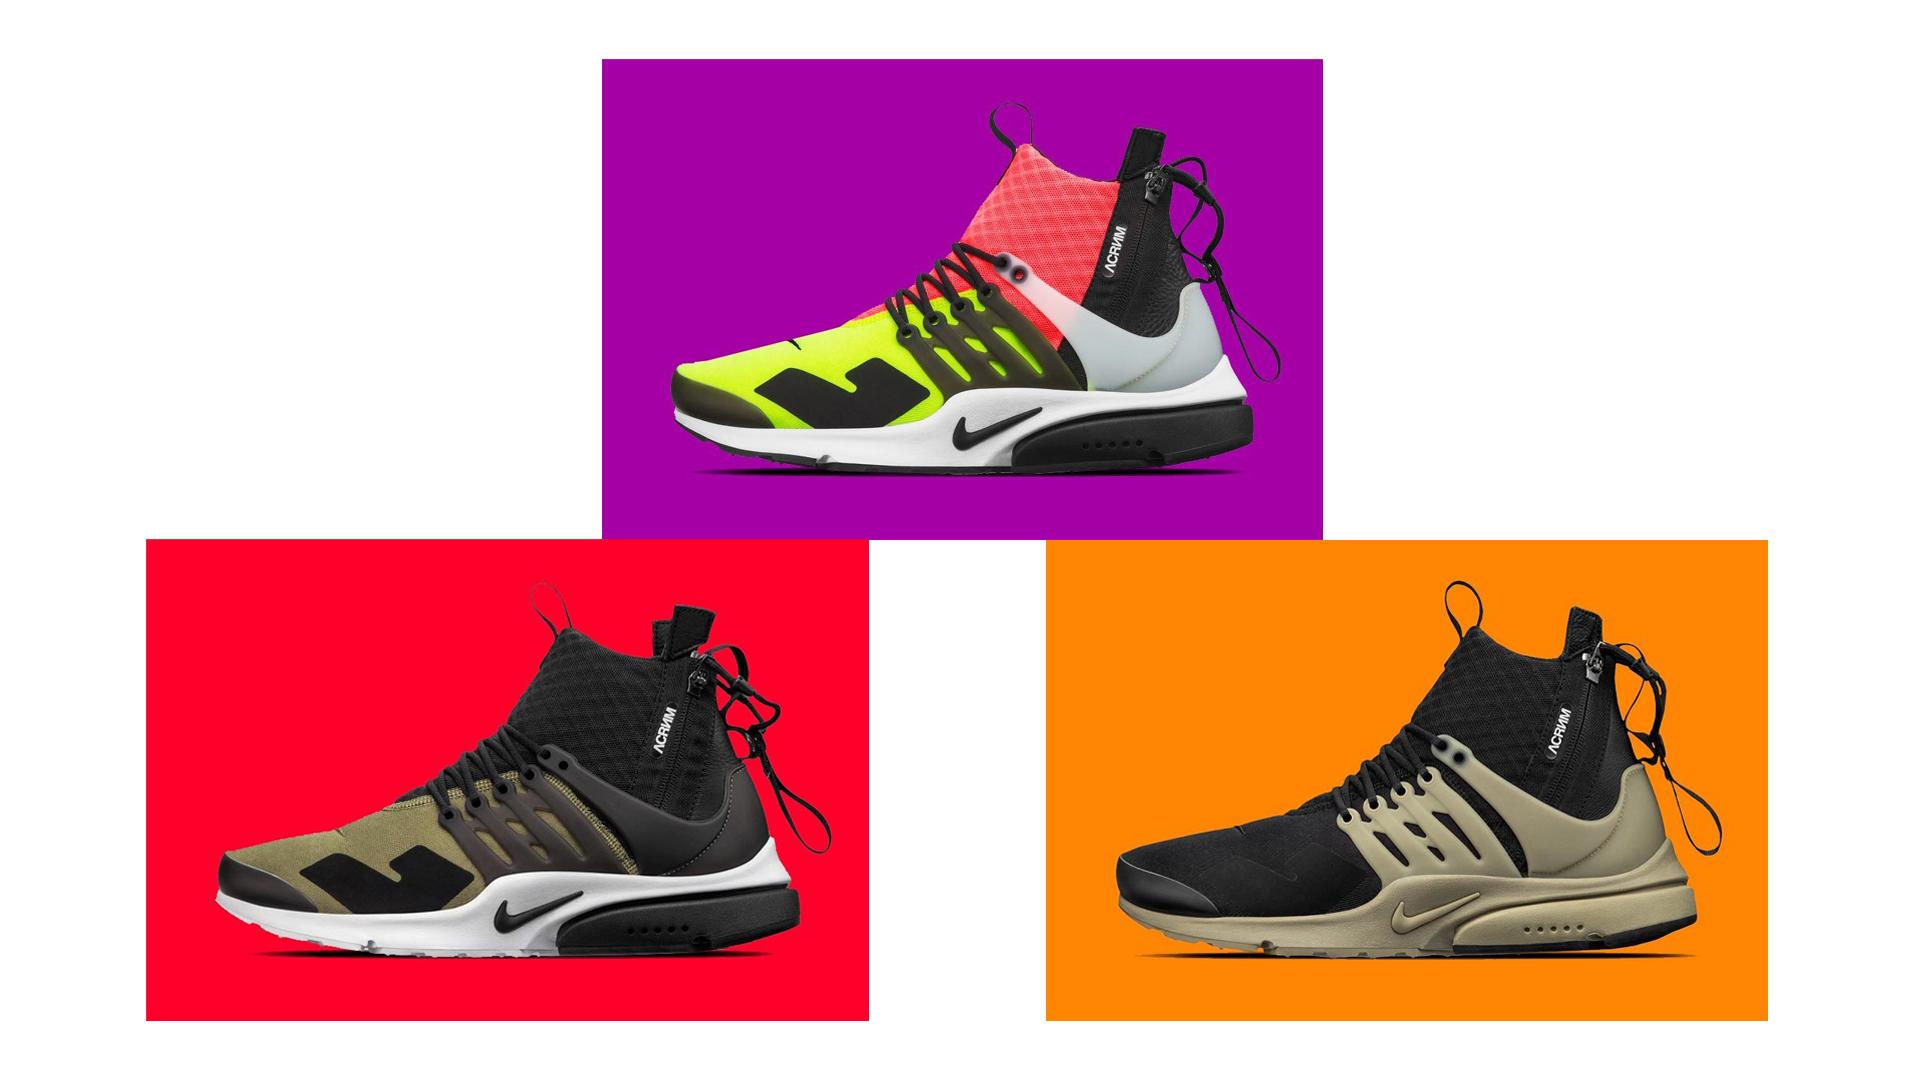 ACRONYM x Nike Air Presto // Kép: SneakerFreaker